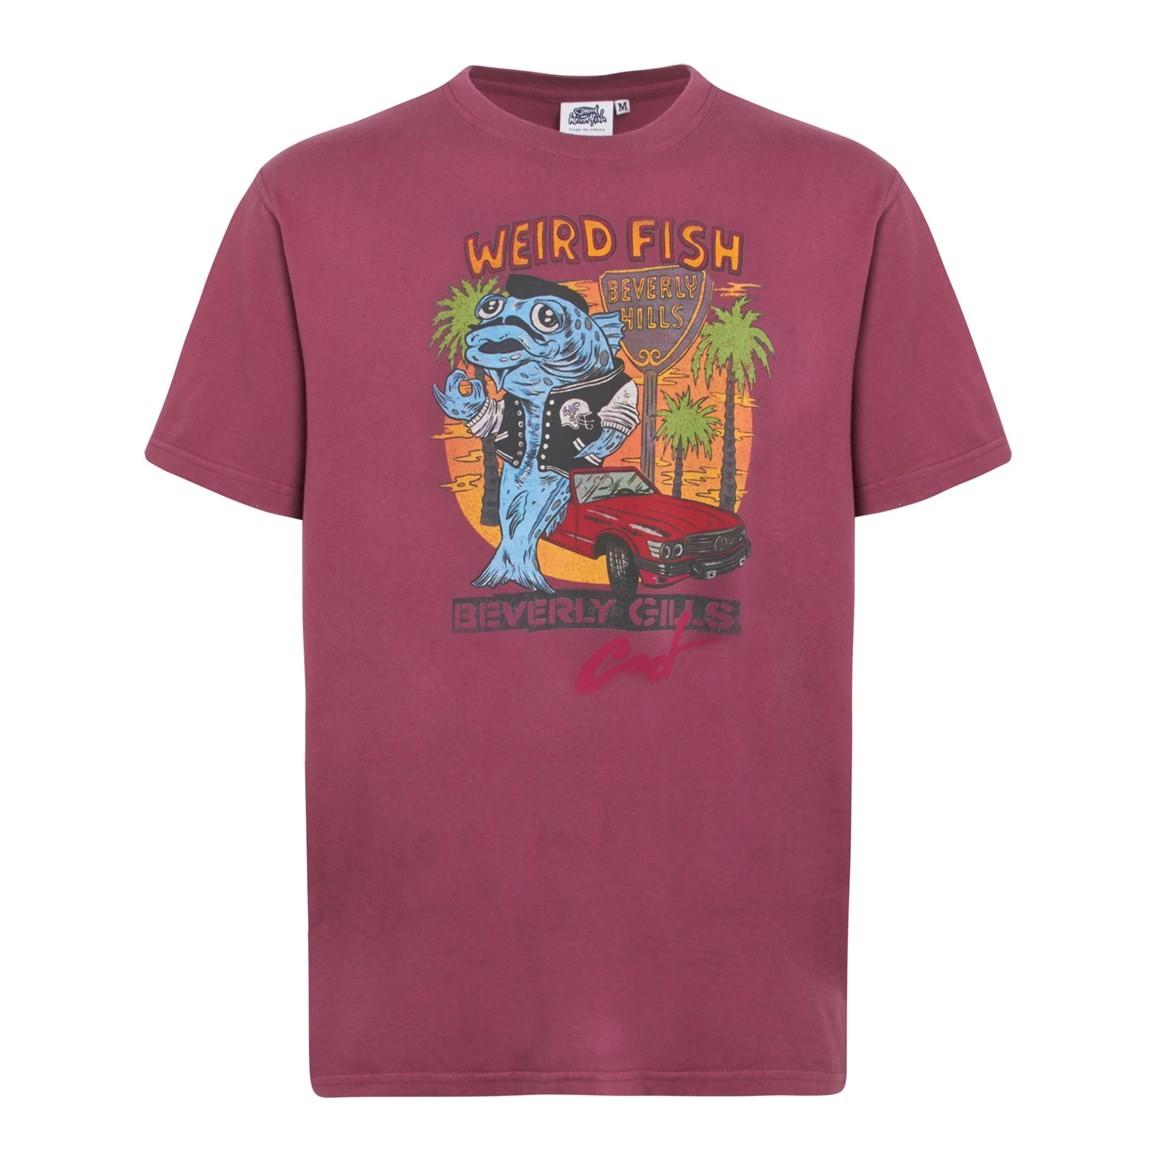 Weird Fish Beverley Gills Cod Front Print Artist T-Shirt Soft Port Size 2XL